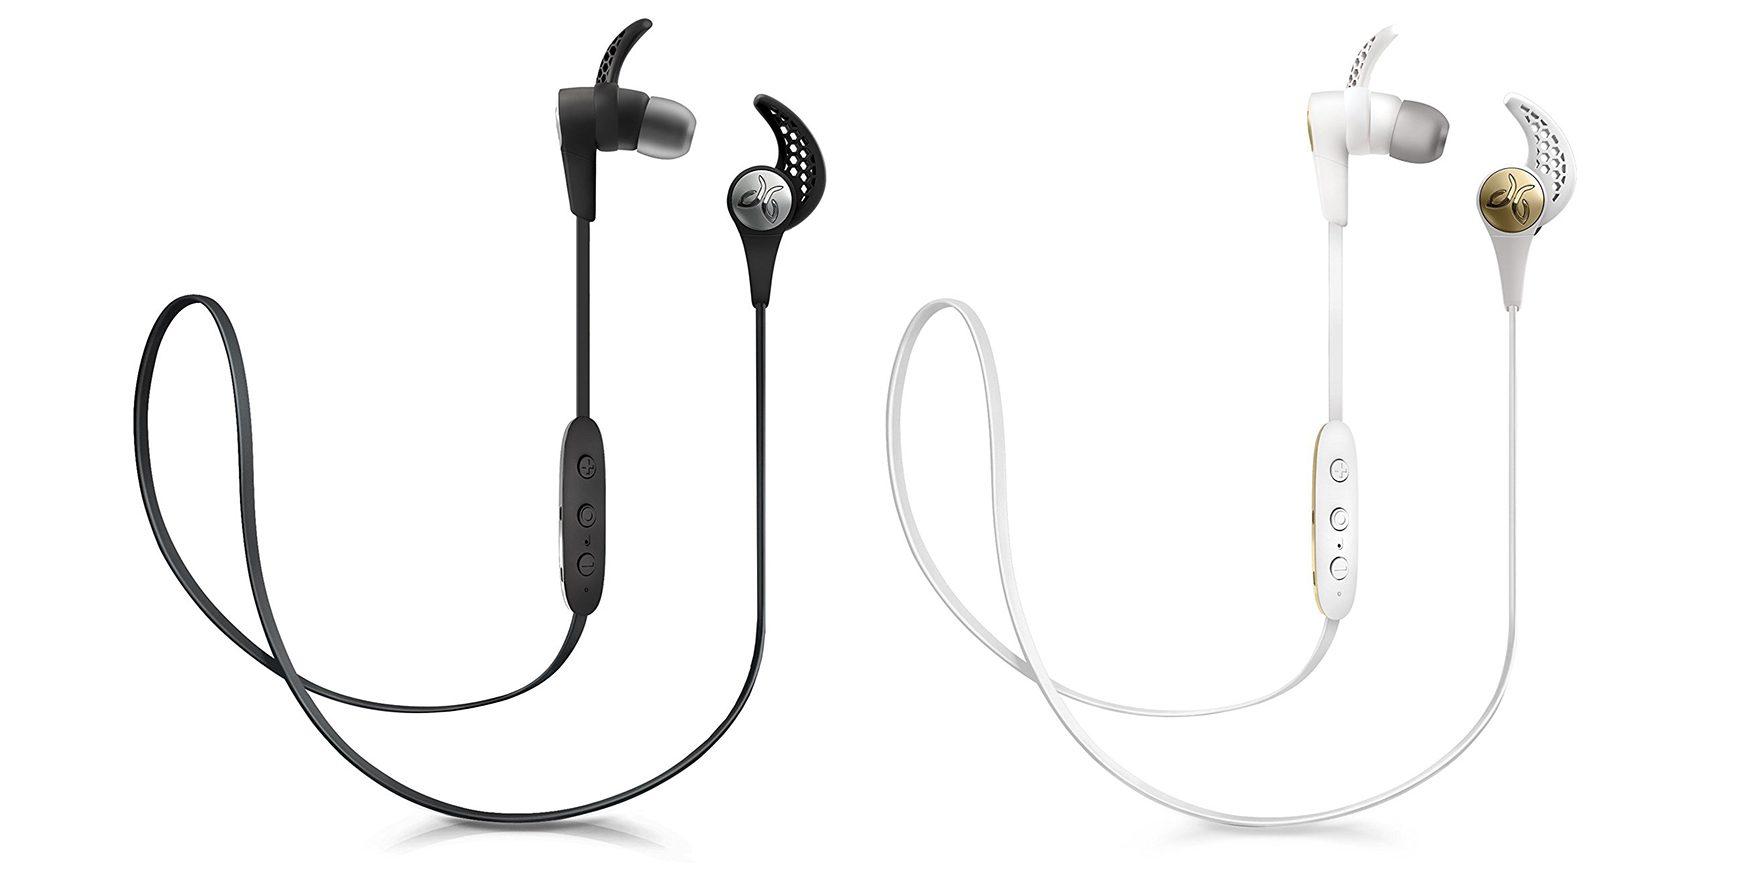 jaybird-x3-earbuds